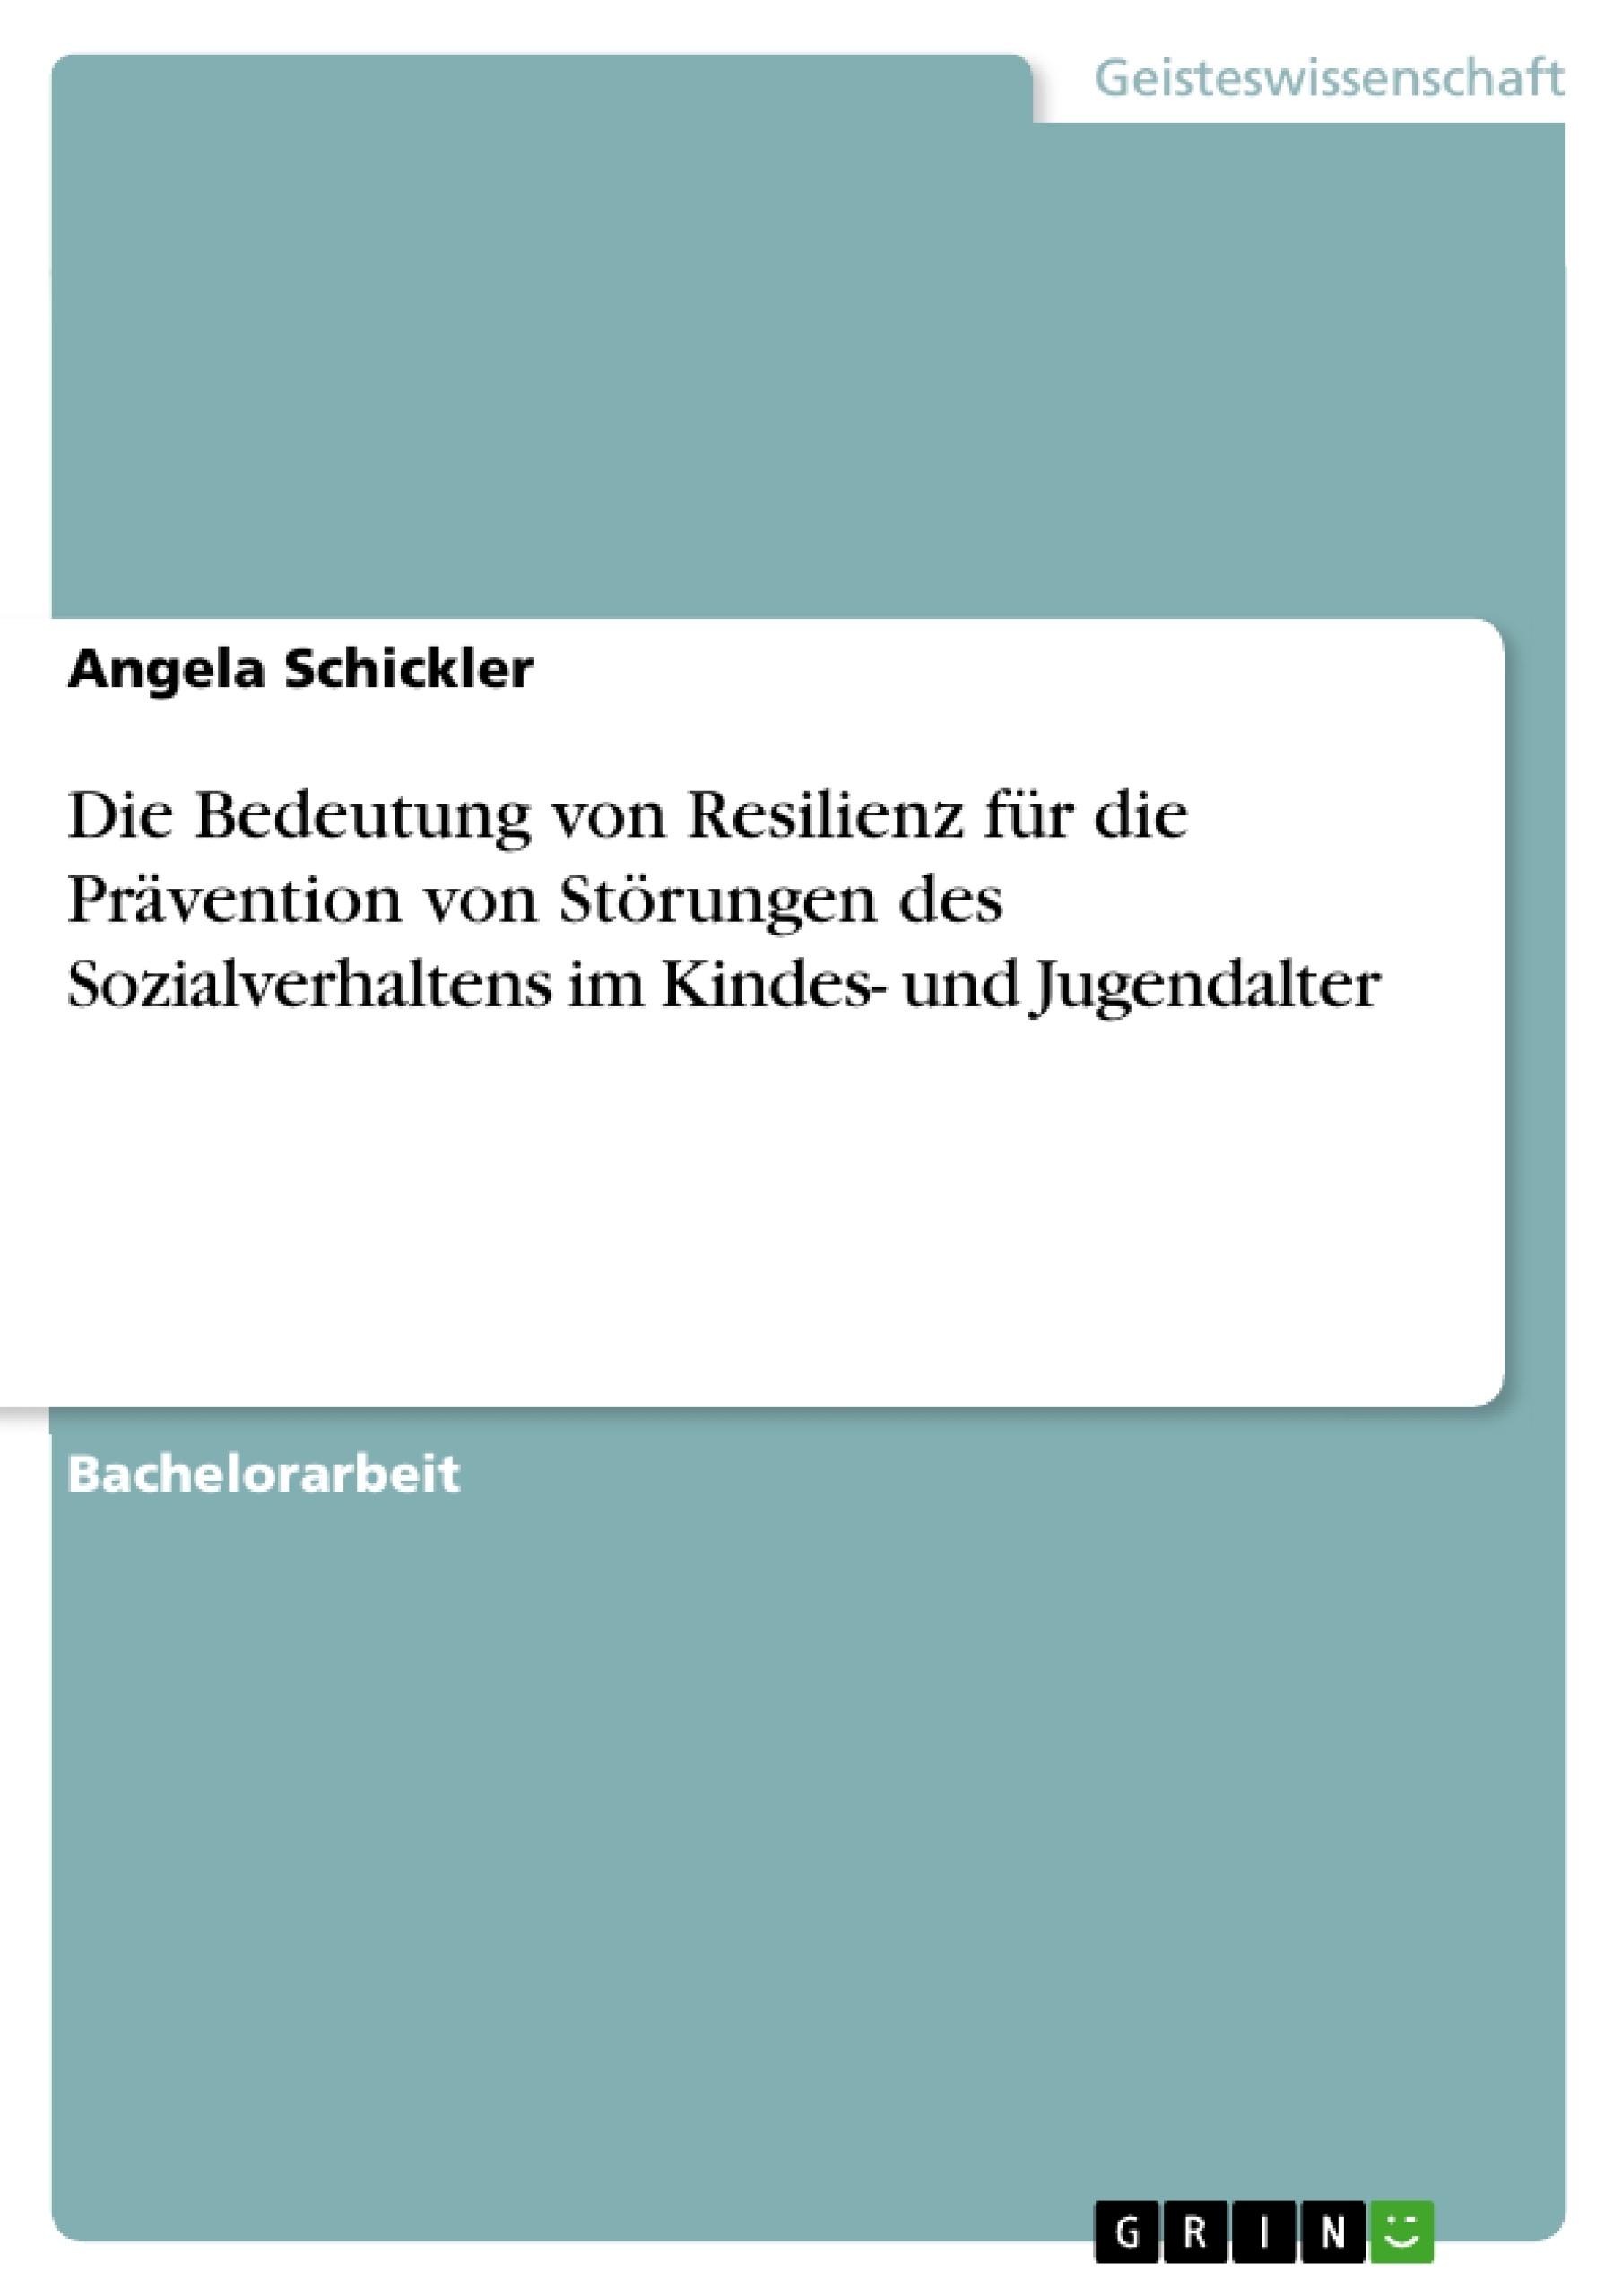 Atemberaubend Verschiedene Arten Von Bettge Zeitgenössisch ...